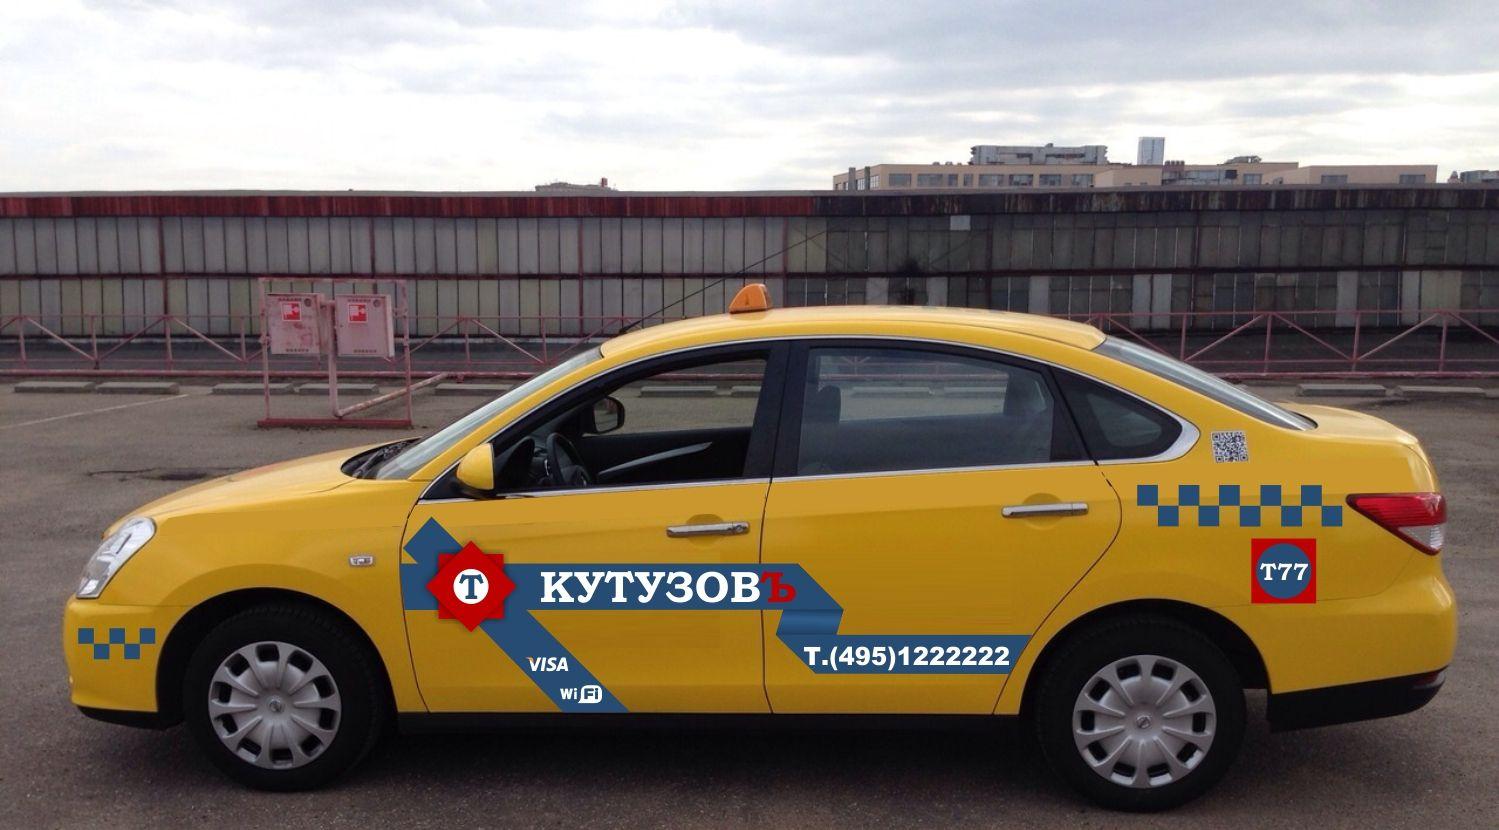 Фирменный стиль автомобиля такси - дизайнер markosov